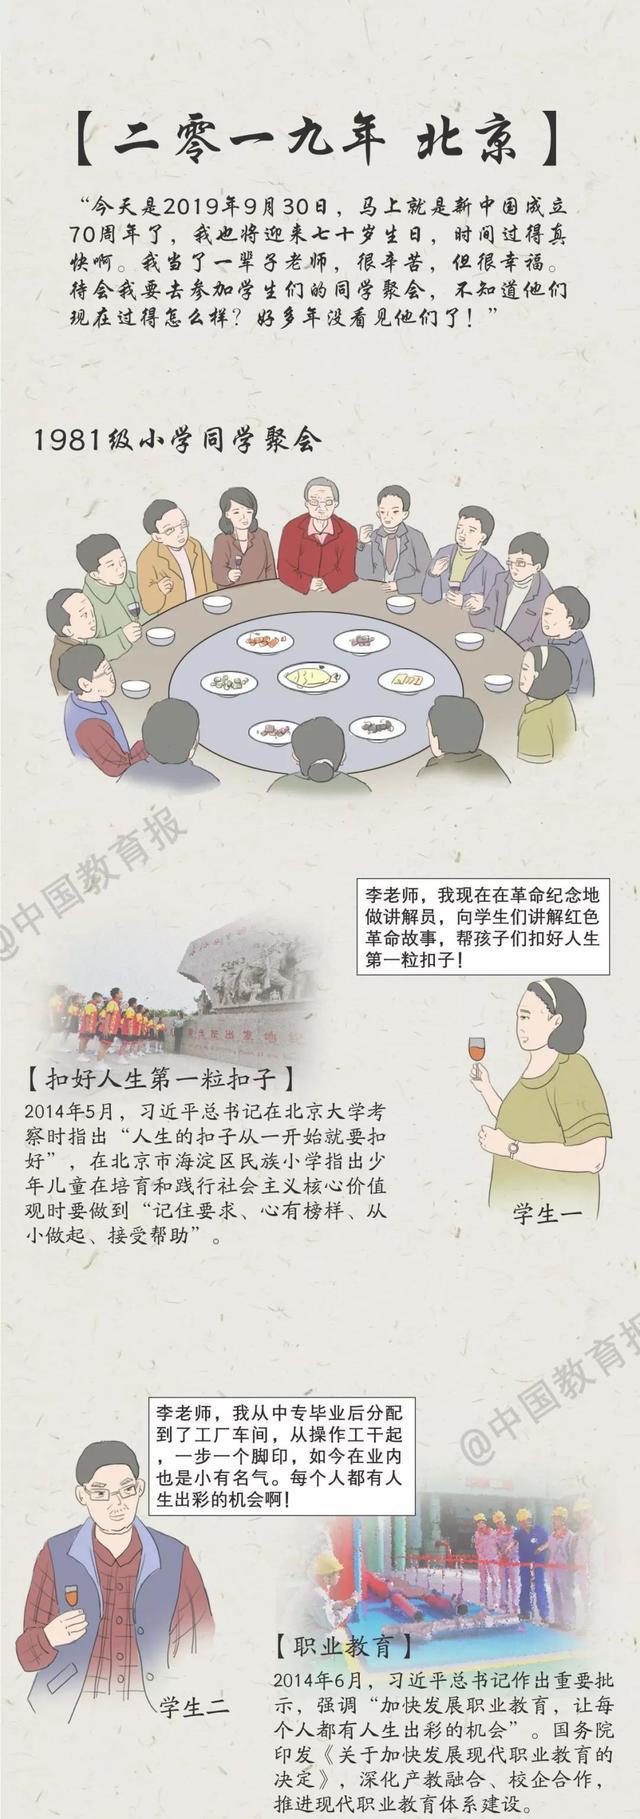 超感动!一图看懂中国教育70年……